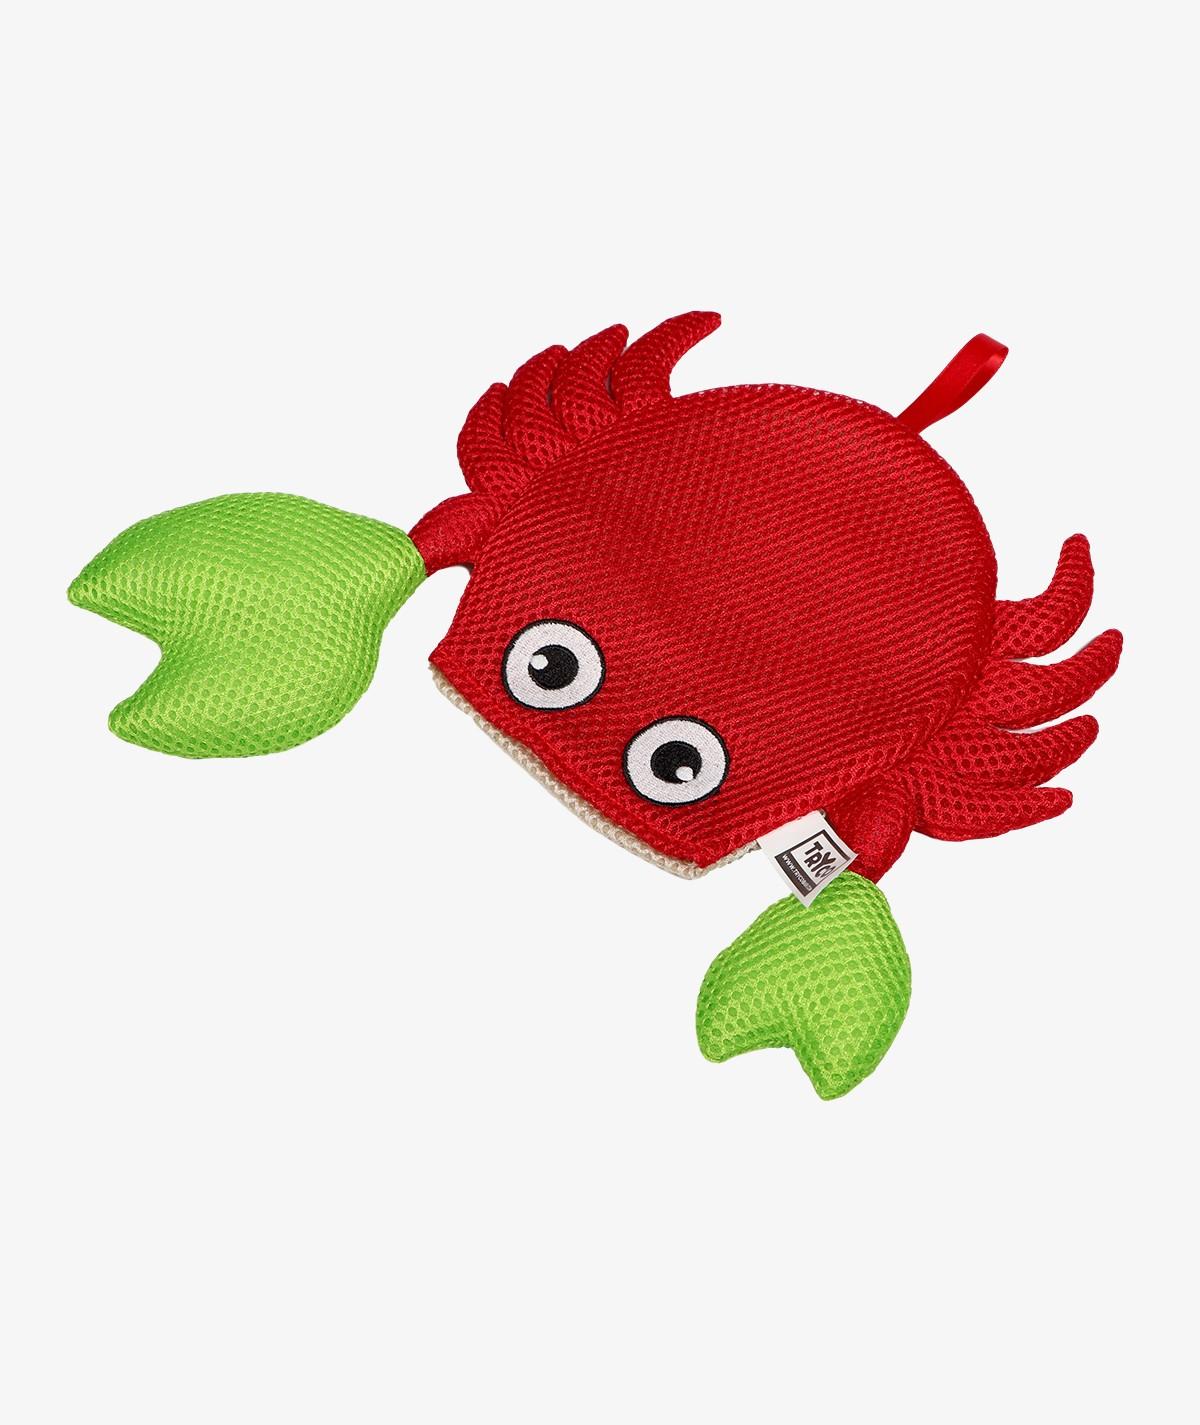 Gant de Toilette Crabe Carl